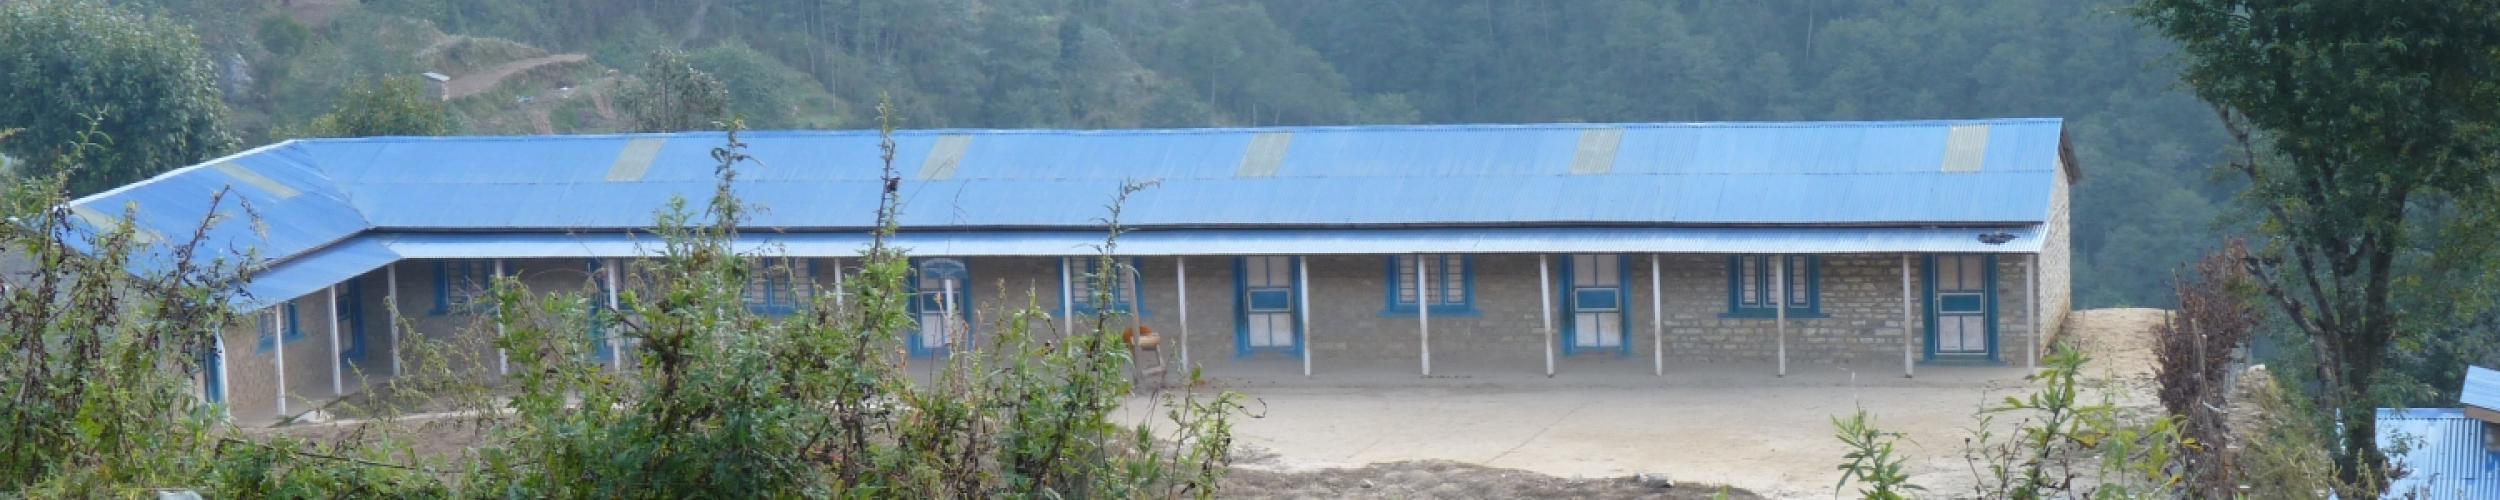 De school in Ang Pang voor de aardbeving in 2015